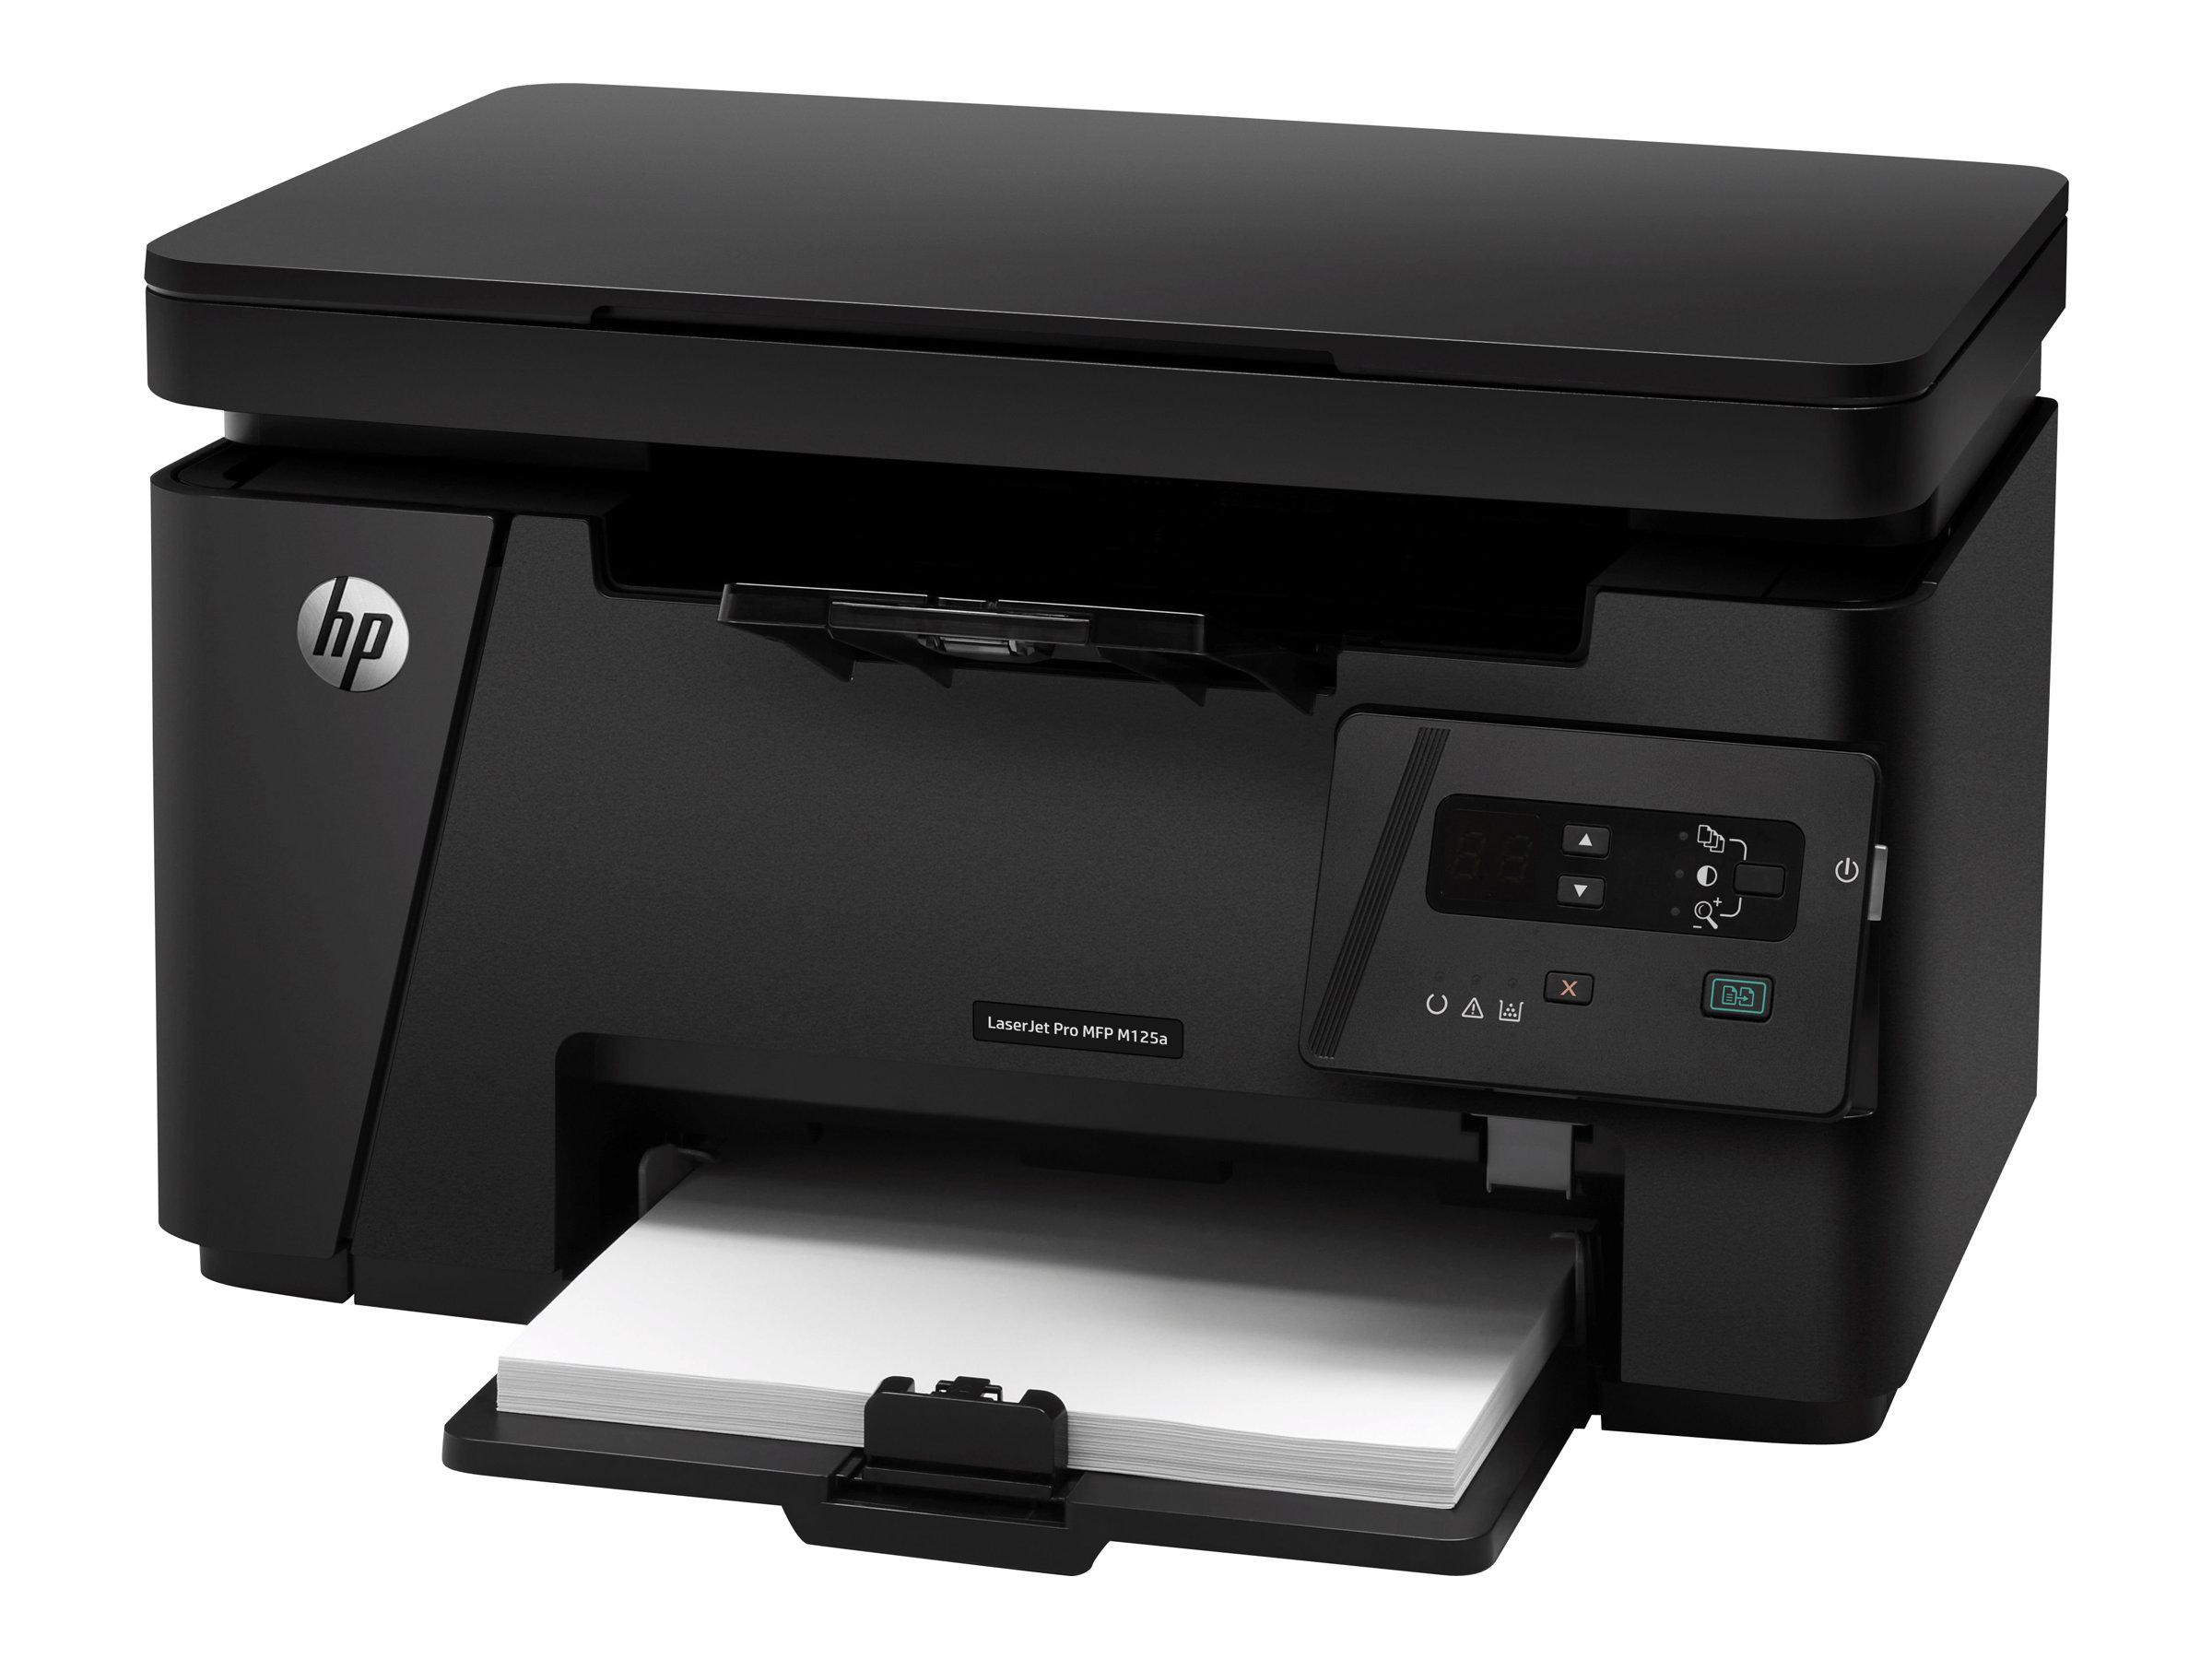 HP LaserJet Pro MFP M125a - Multifunktionsdrucker